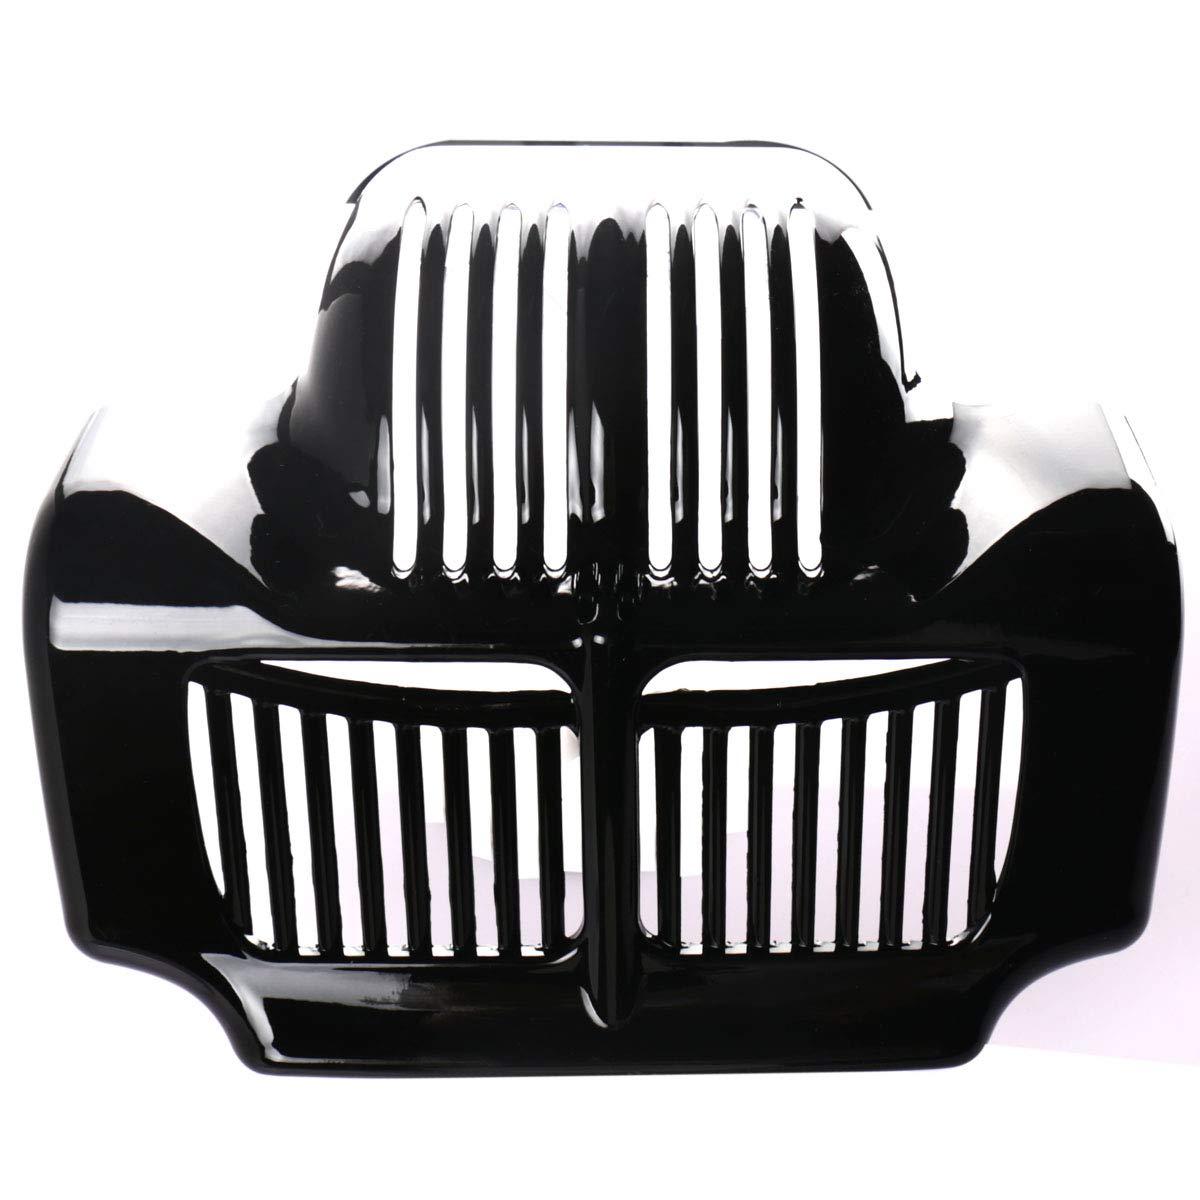 Gloss Black Stock Oil Cooler Cover For Harley 2011-2015 Touring Street Glide FLHX